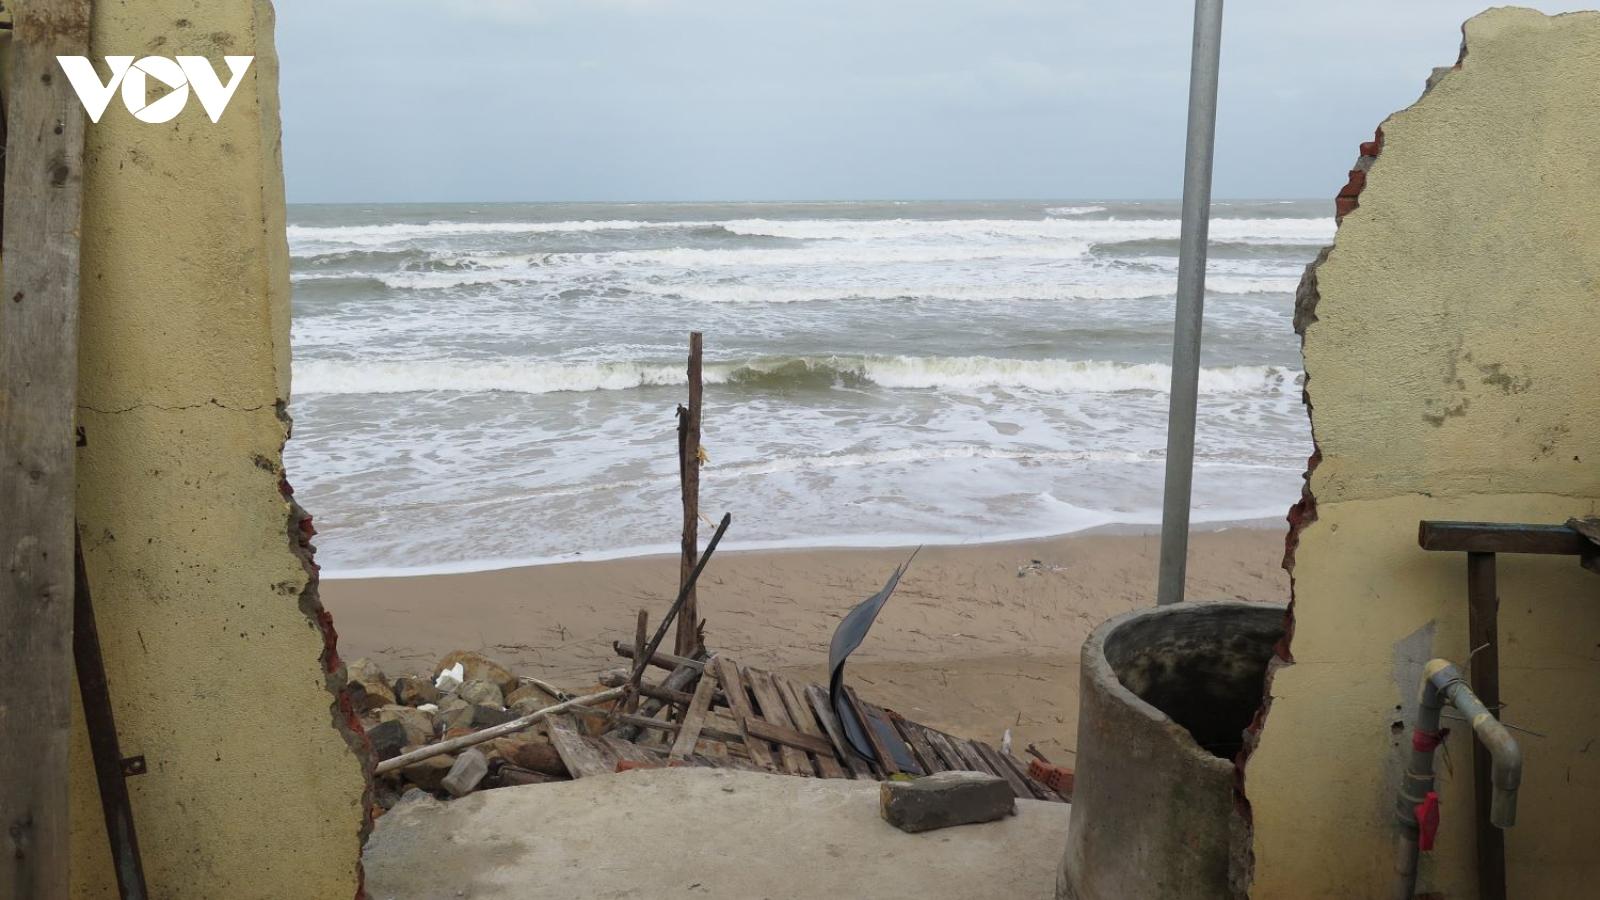 Triều cường đánh sập nhà dân ở Quảng Ngãi